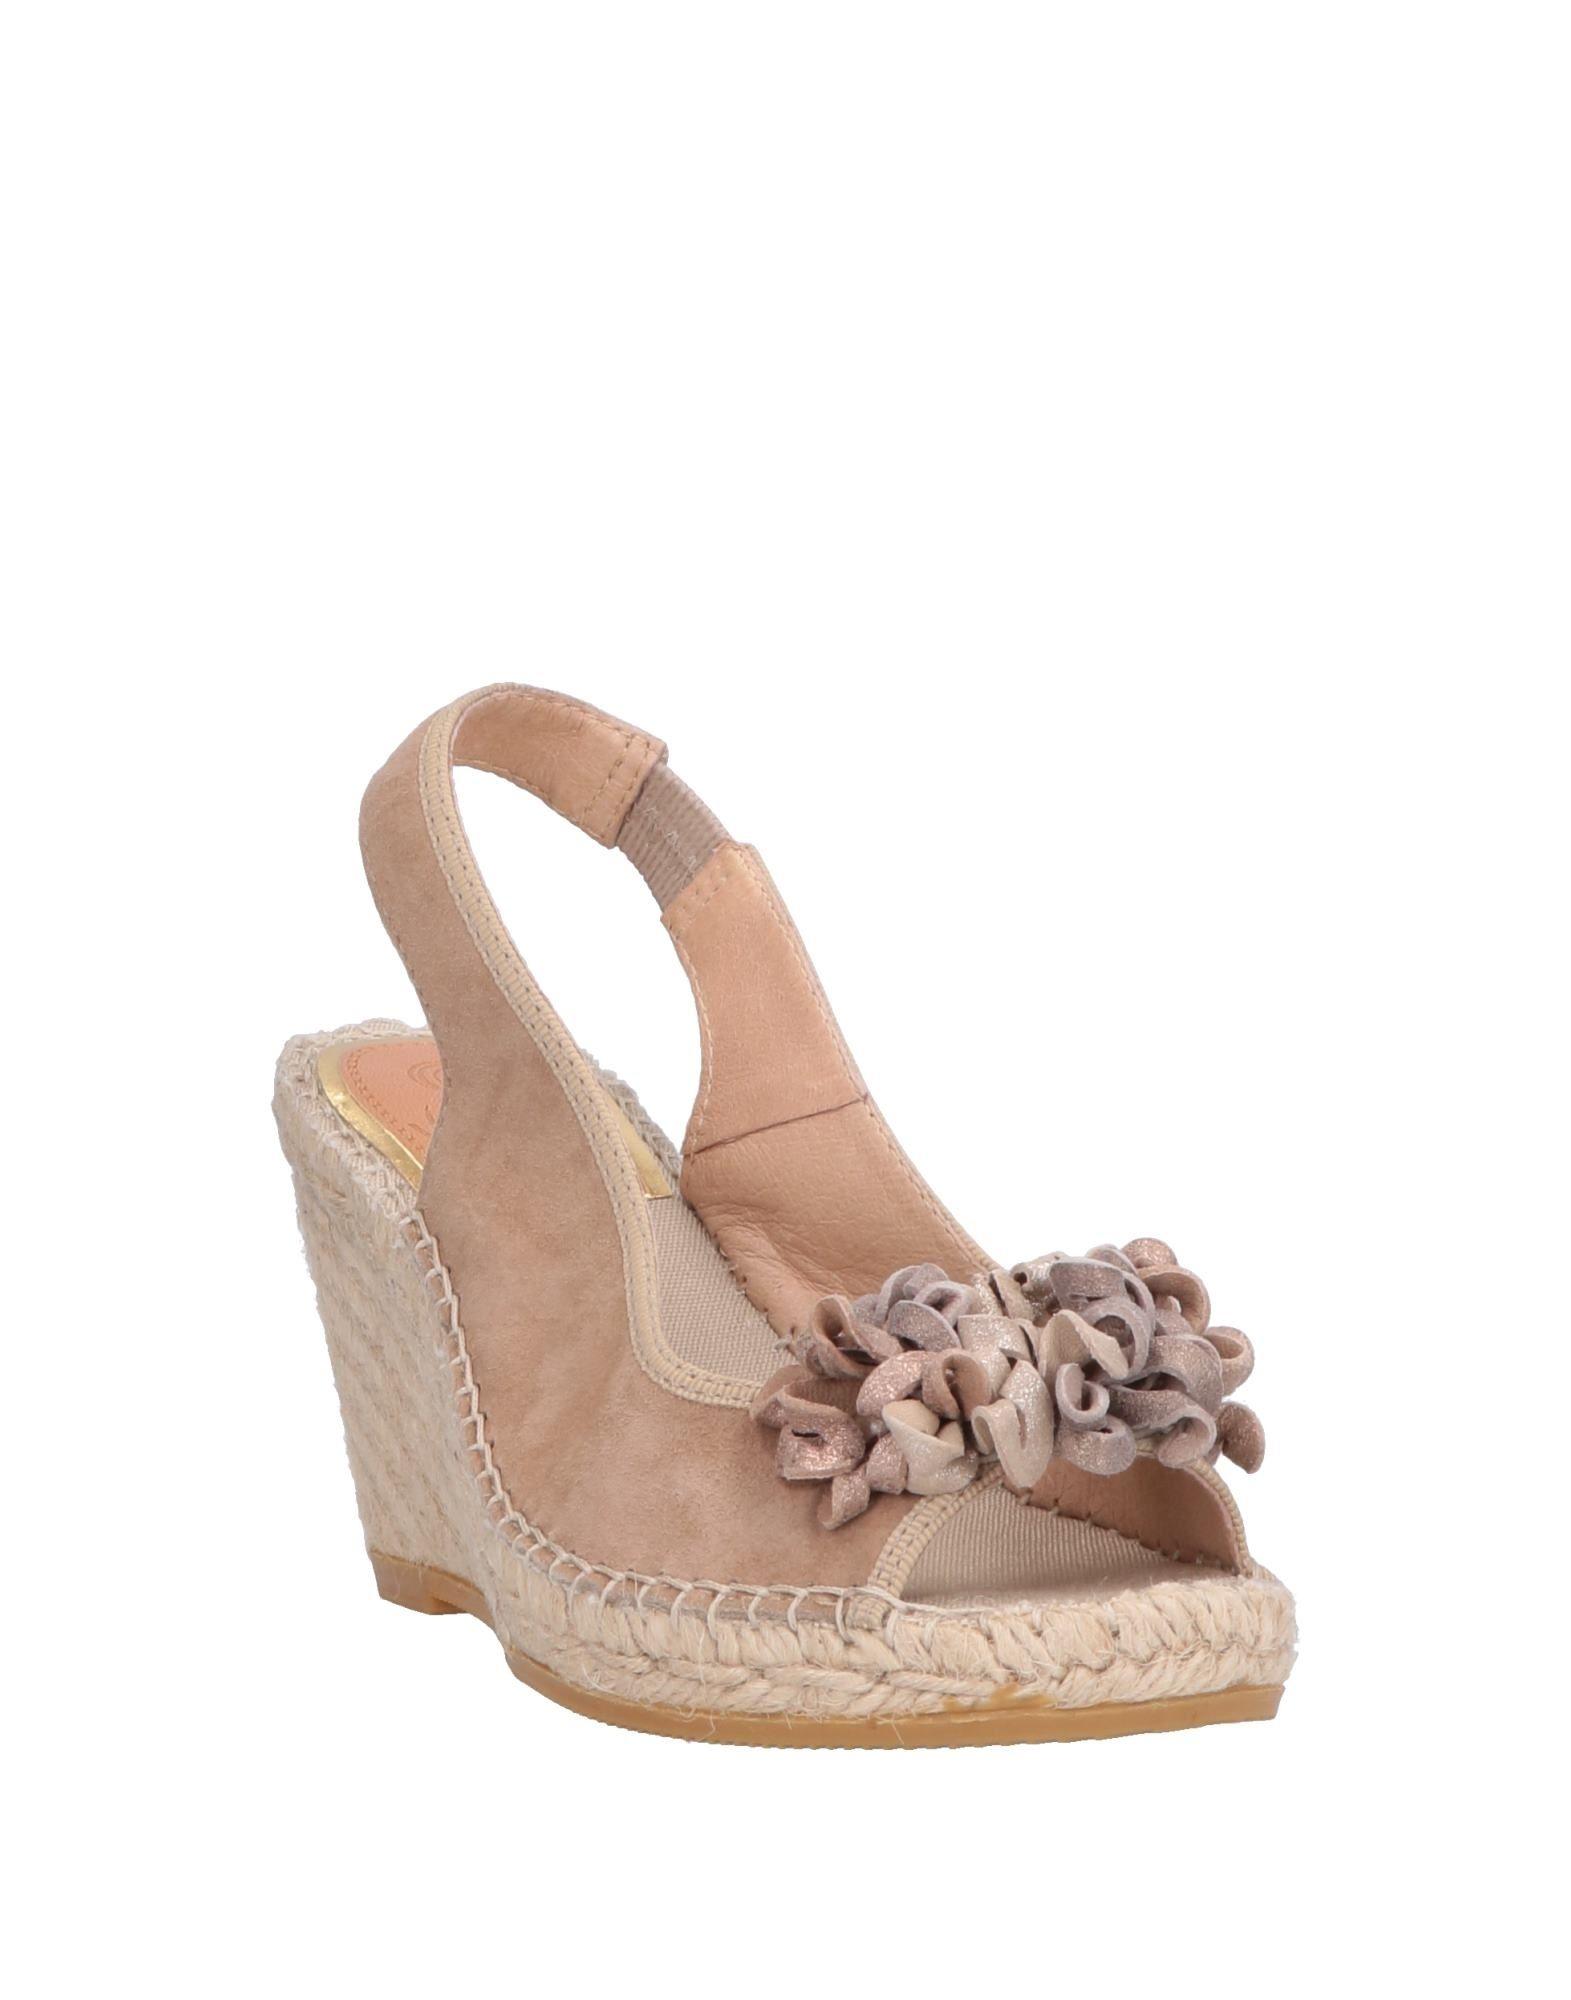 Vidorreta Vidorreta Vidorreta Sandalen Damen  11605236EO Gute Qualität beliebte Schuhe 54cb7f